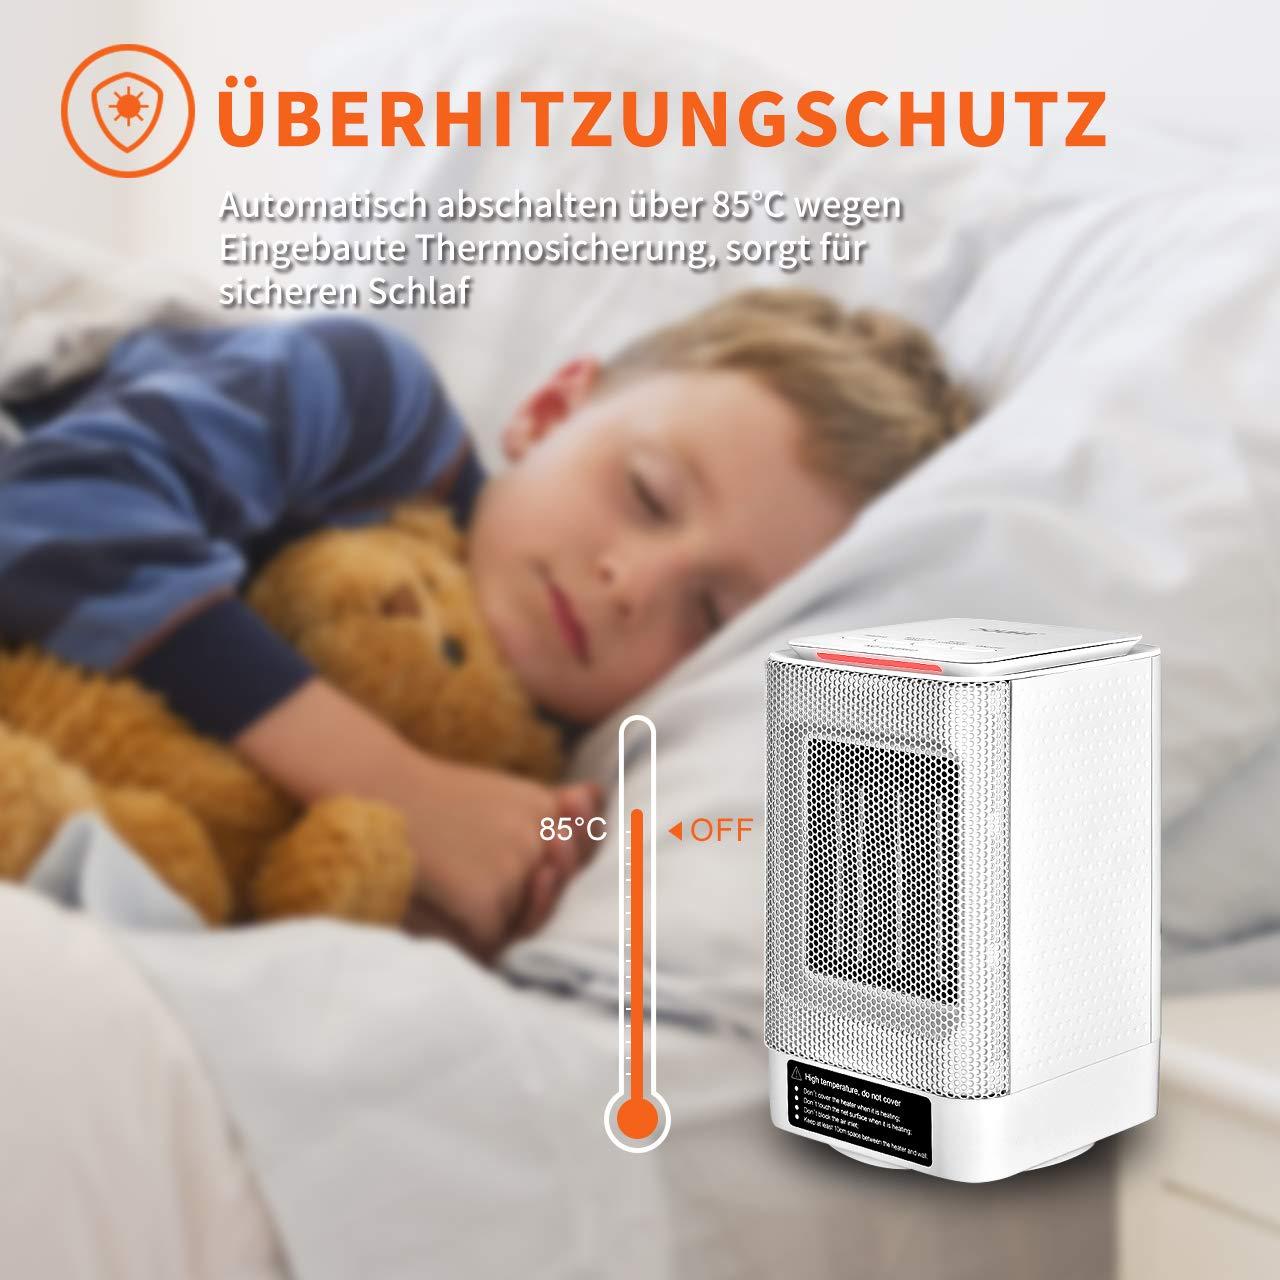 douhe de cerámica Calefactor rápido Calentamiento Cambiador Calefactor, Blanco 950.00W, 220.00V: Amazon.es: Bricolaje y herramientas